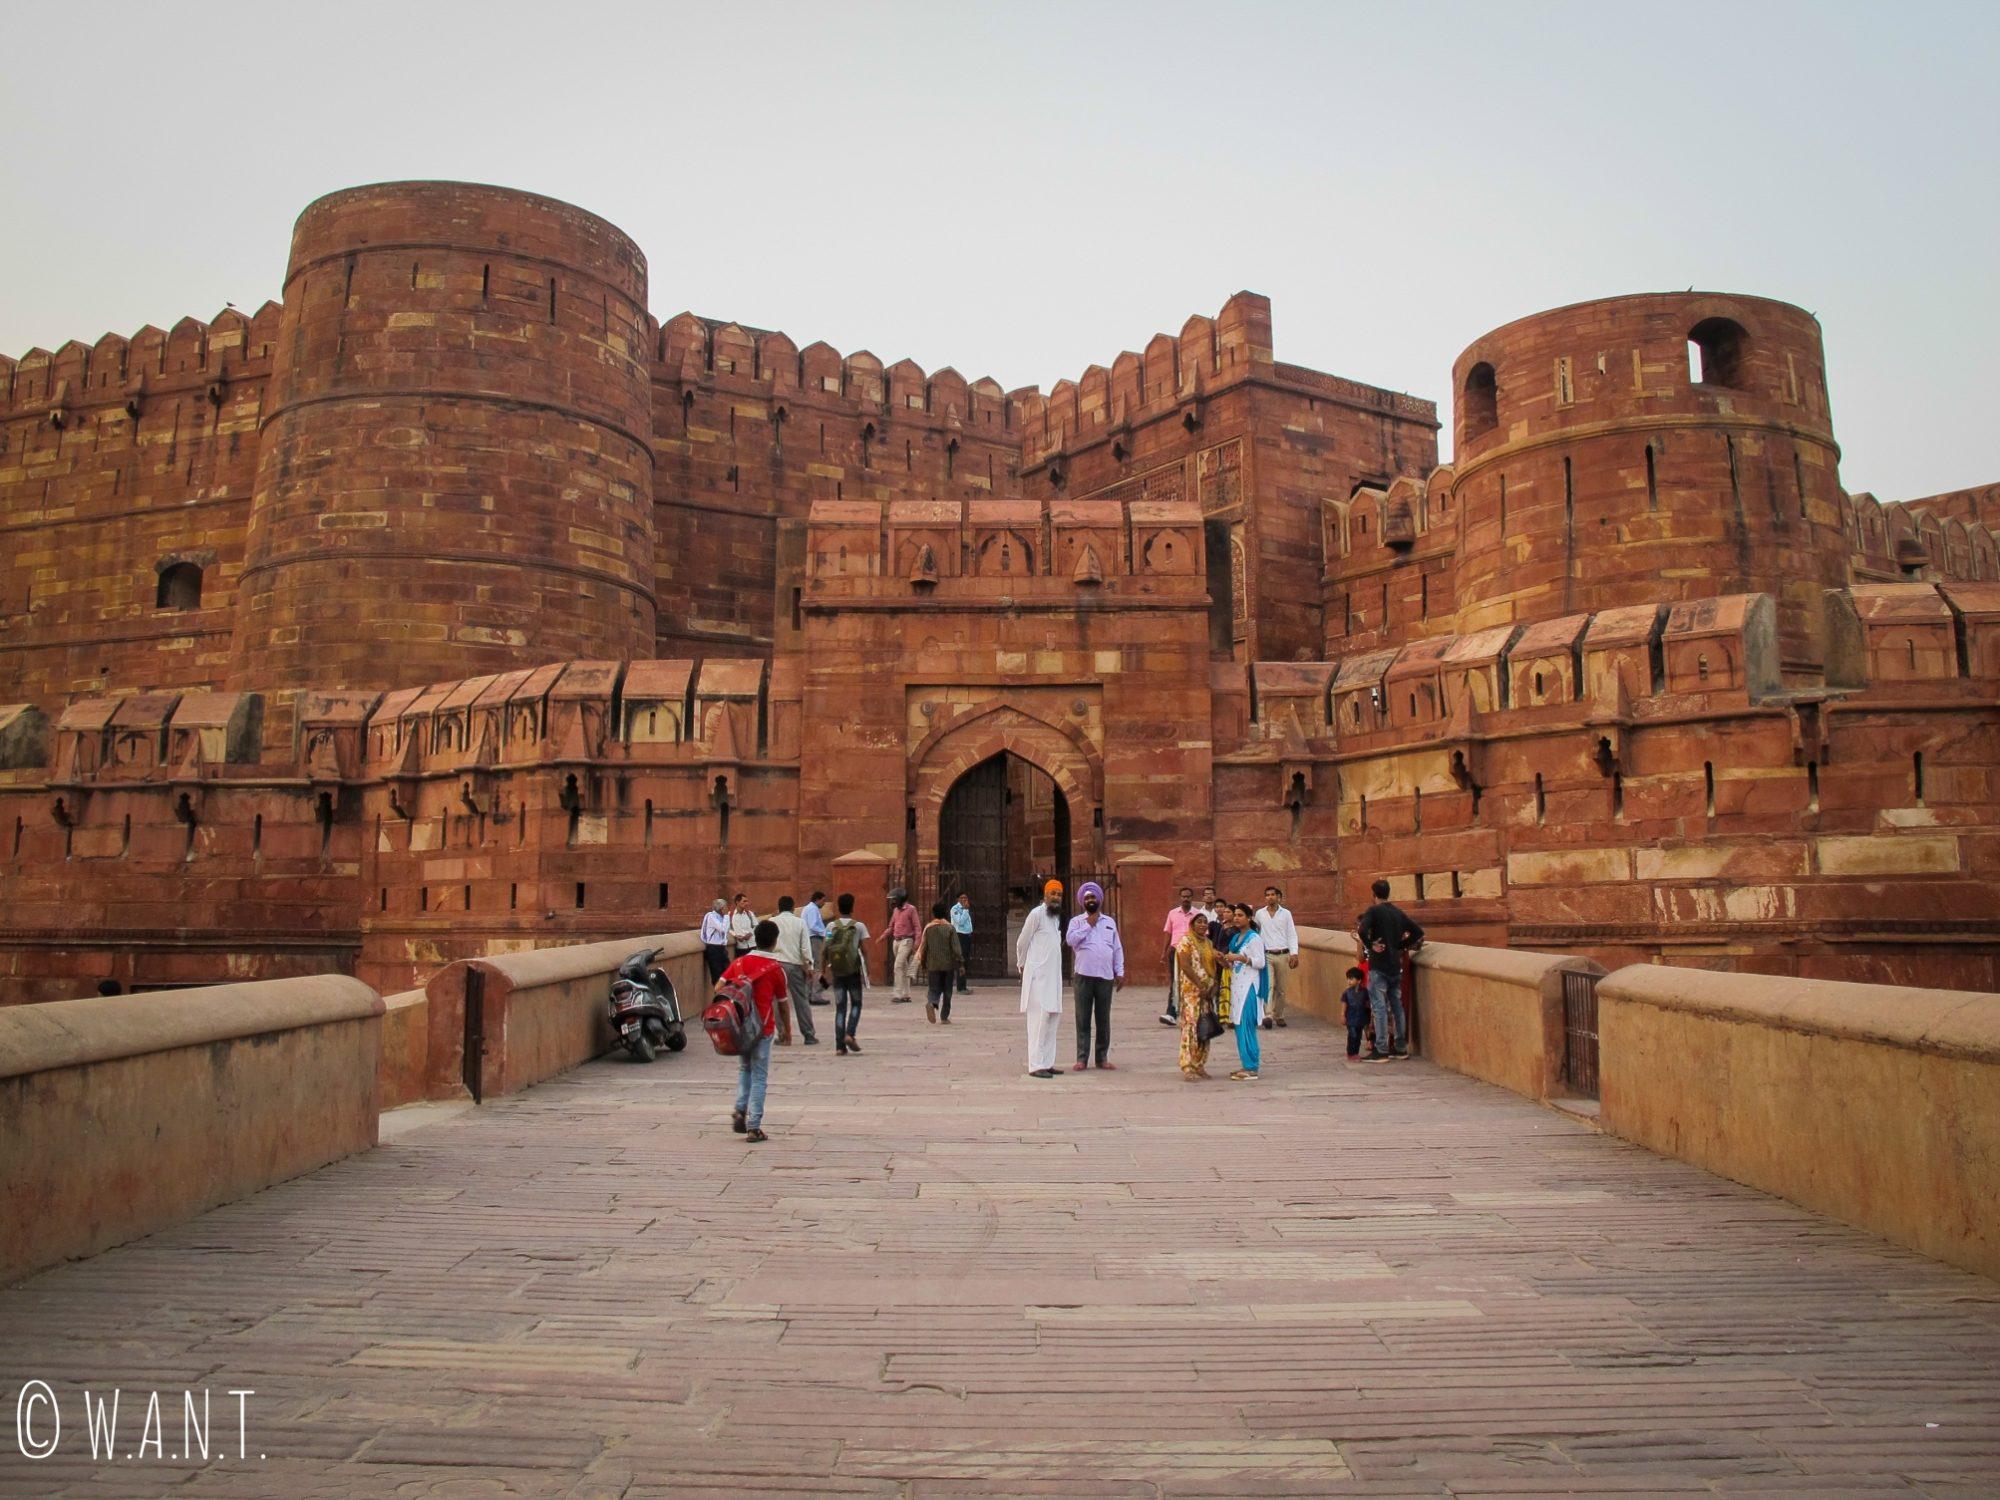 Entrée principale du Fort d'Agra, ouvert du lever au coucher du soleil